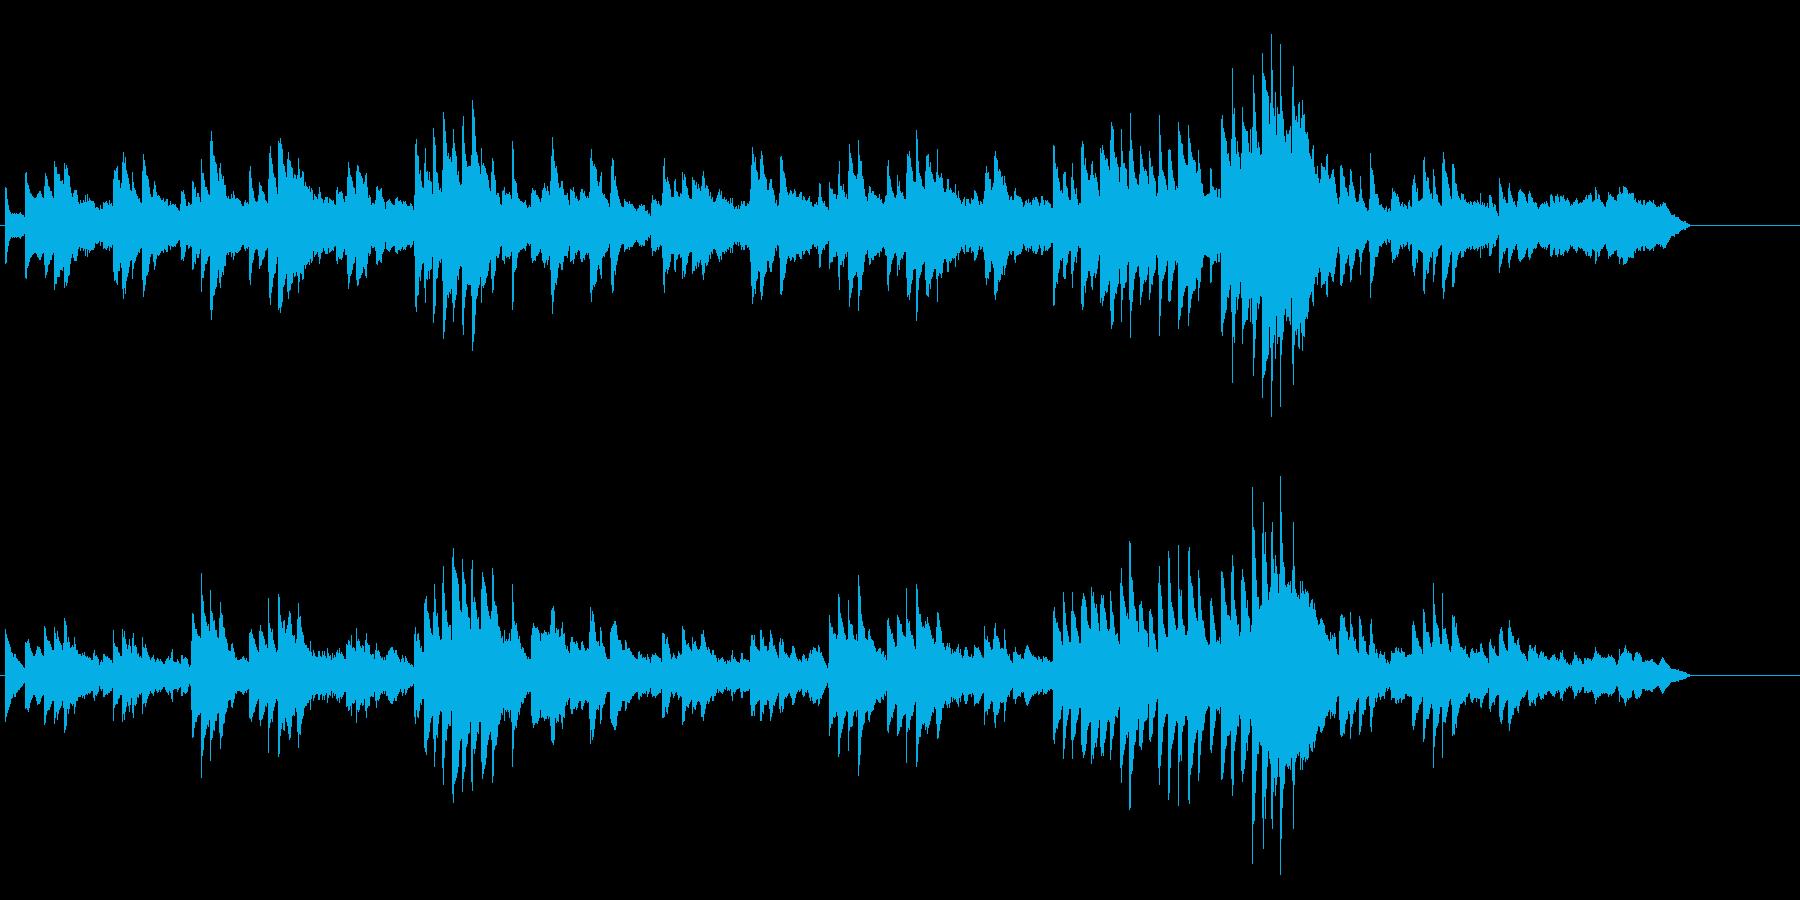 別れの曲ショパンピアノの再生済みの波形